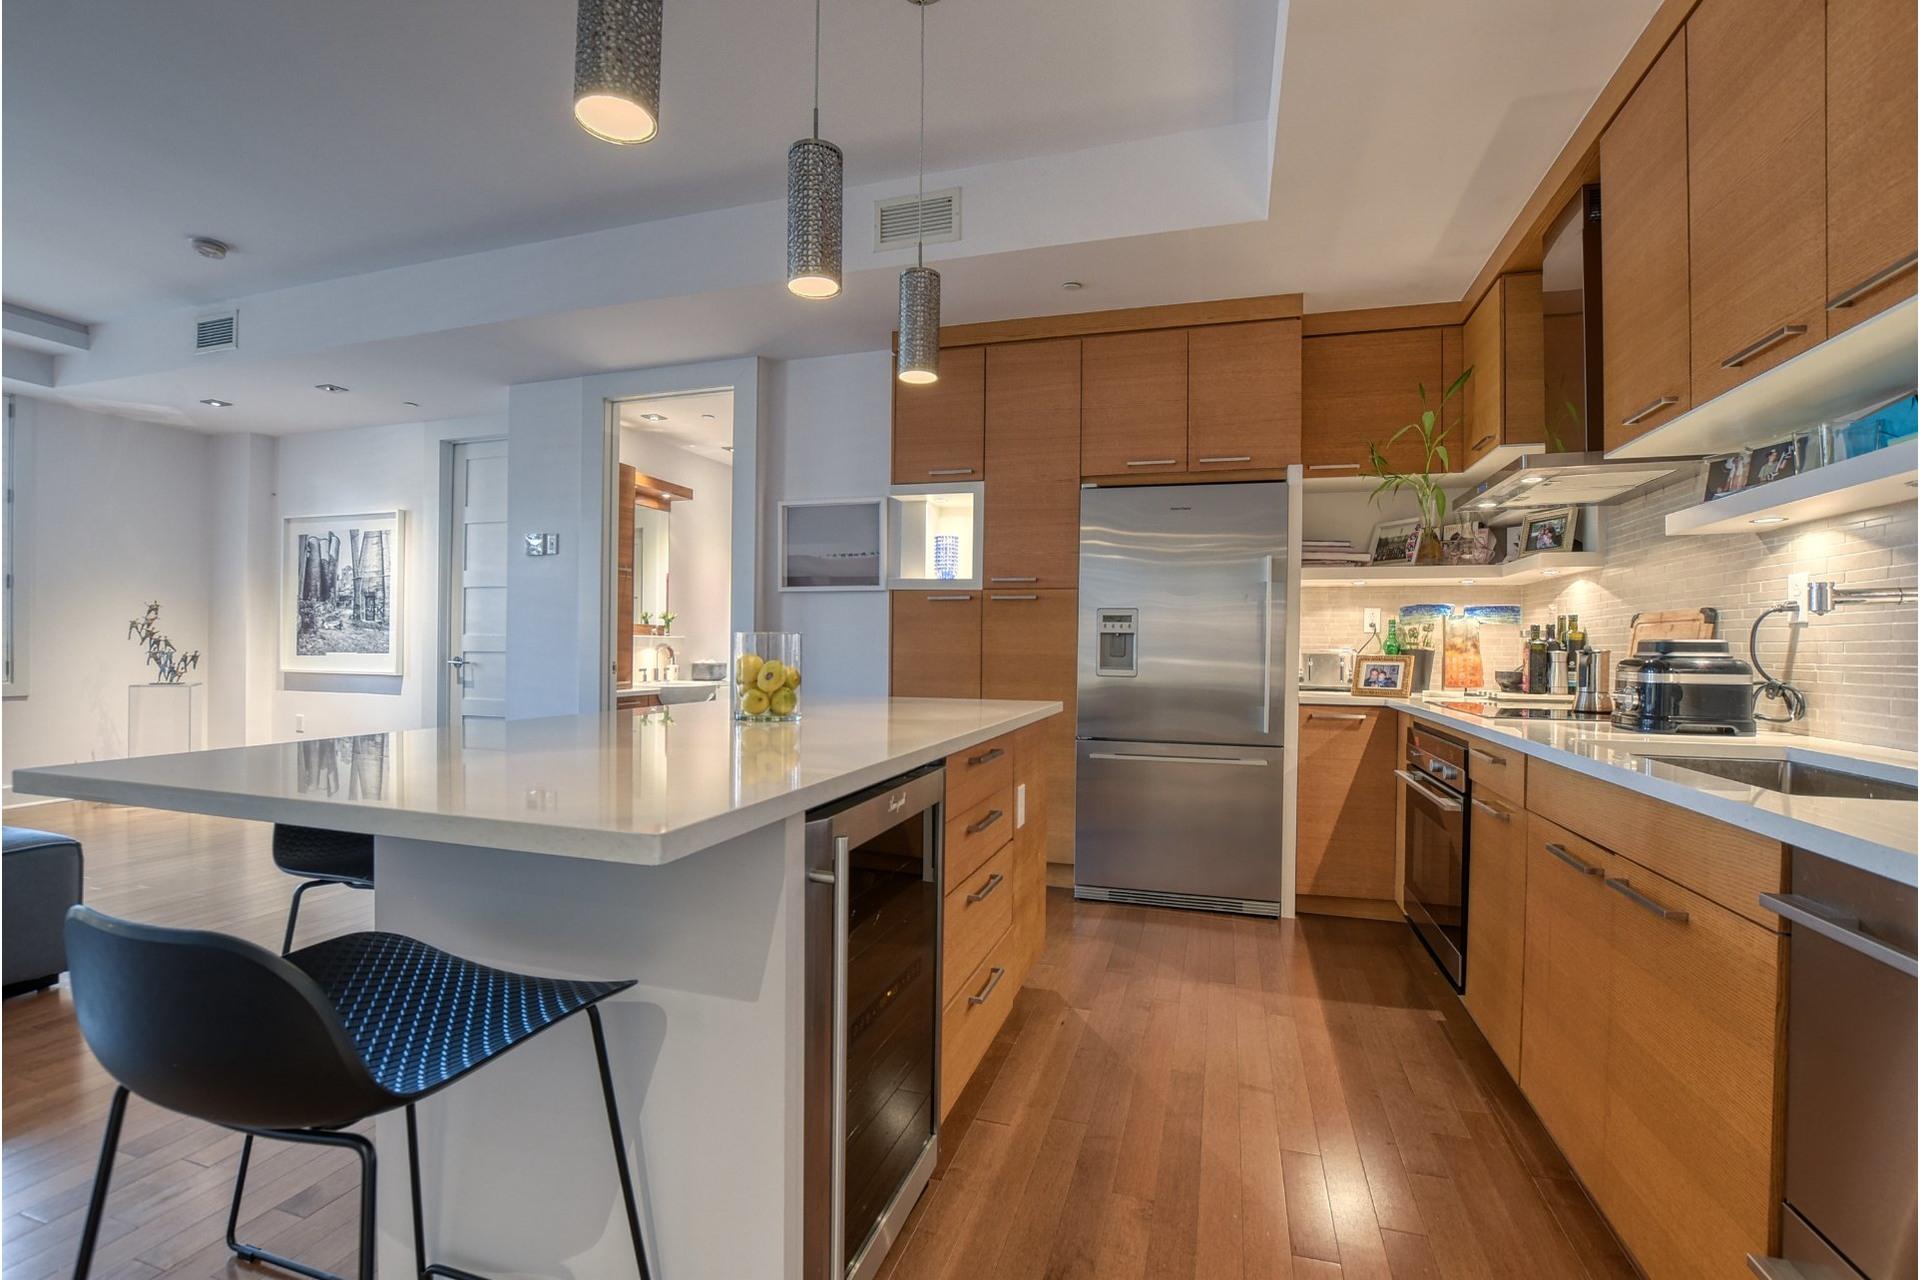 image 11 - Apartment For sale Outremont Montréal  - 8 rooms